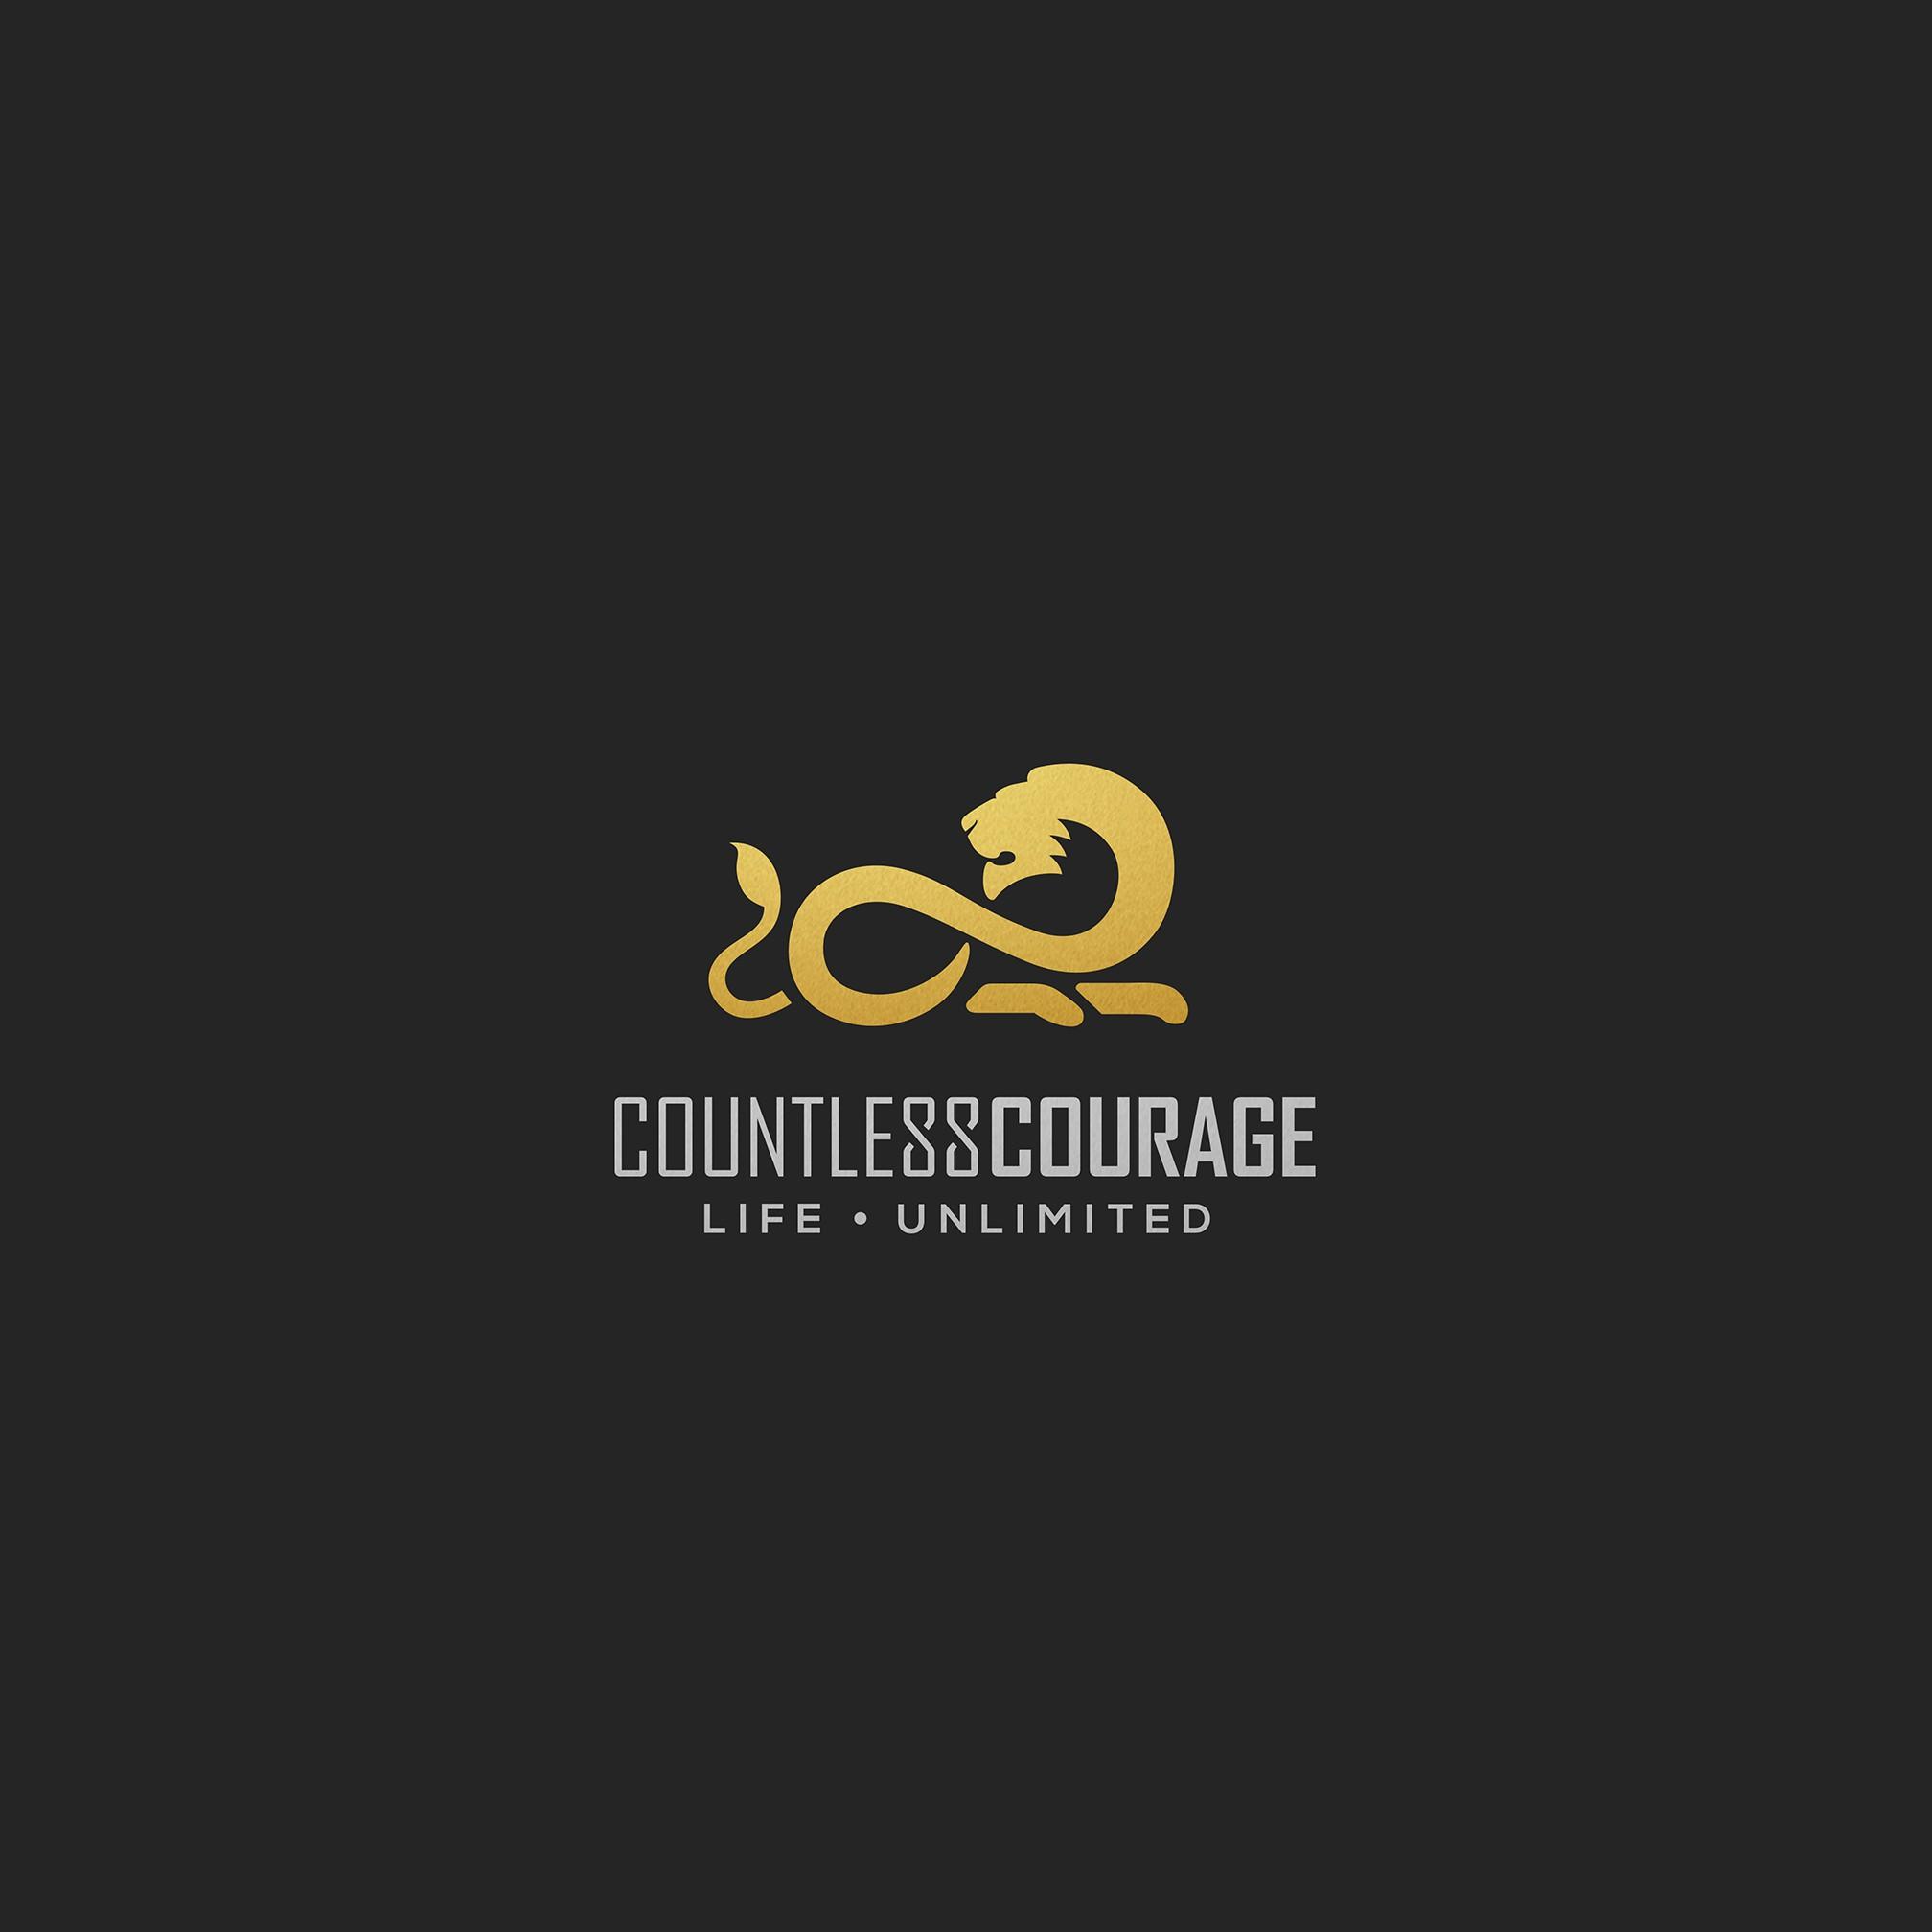 Brave enough? Countless Courage needs a logo.